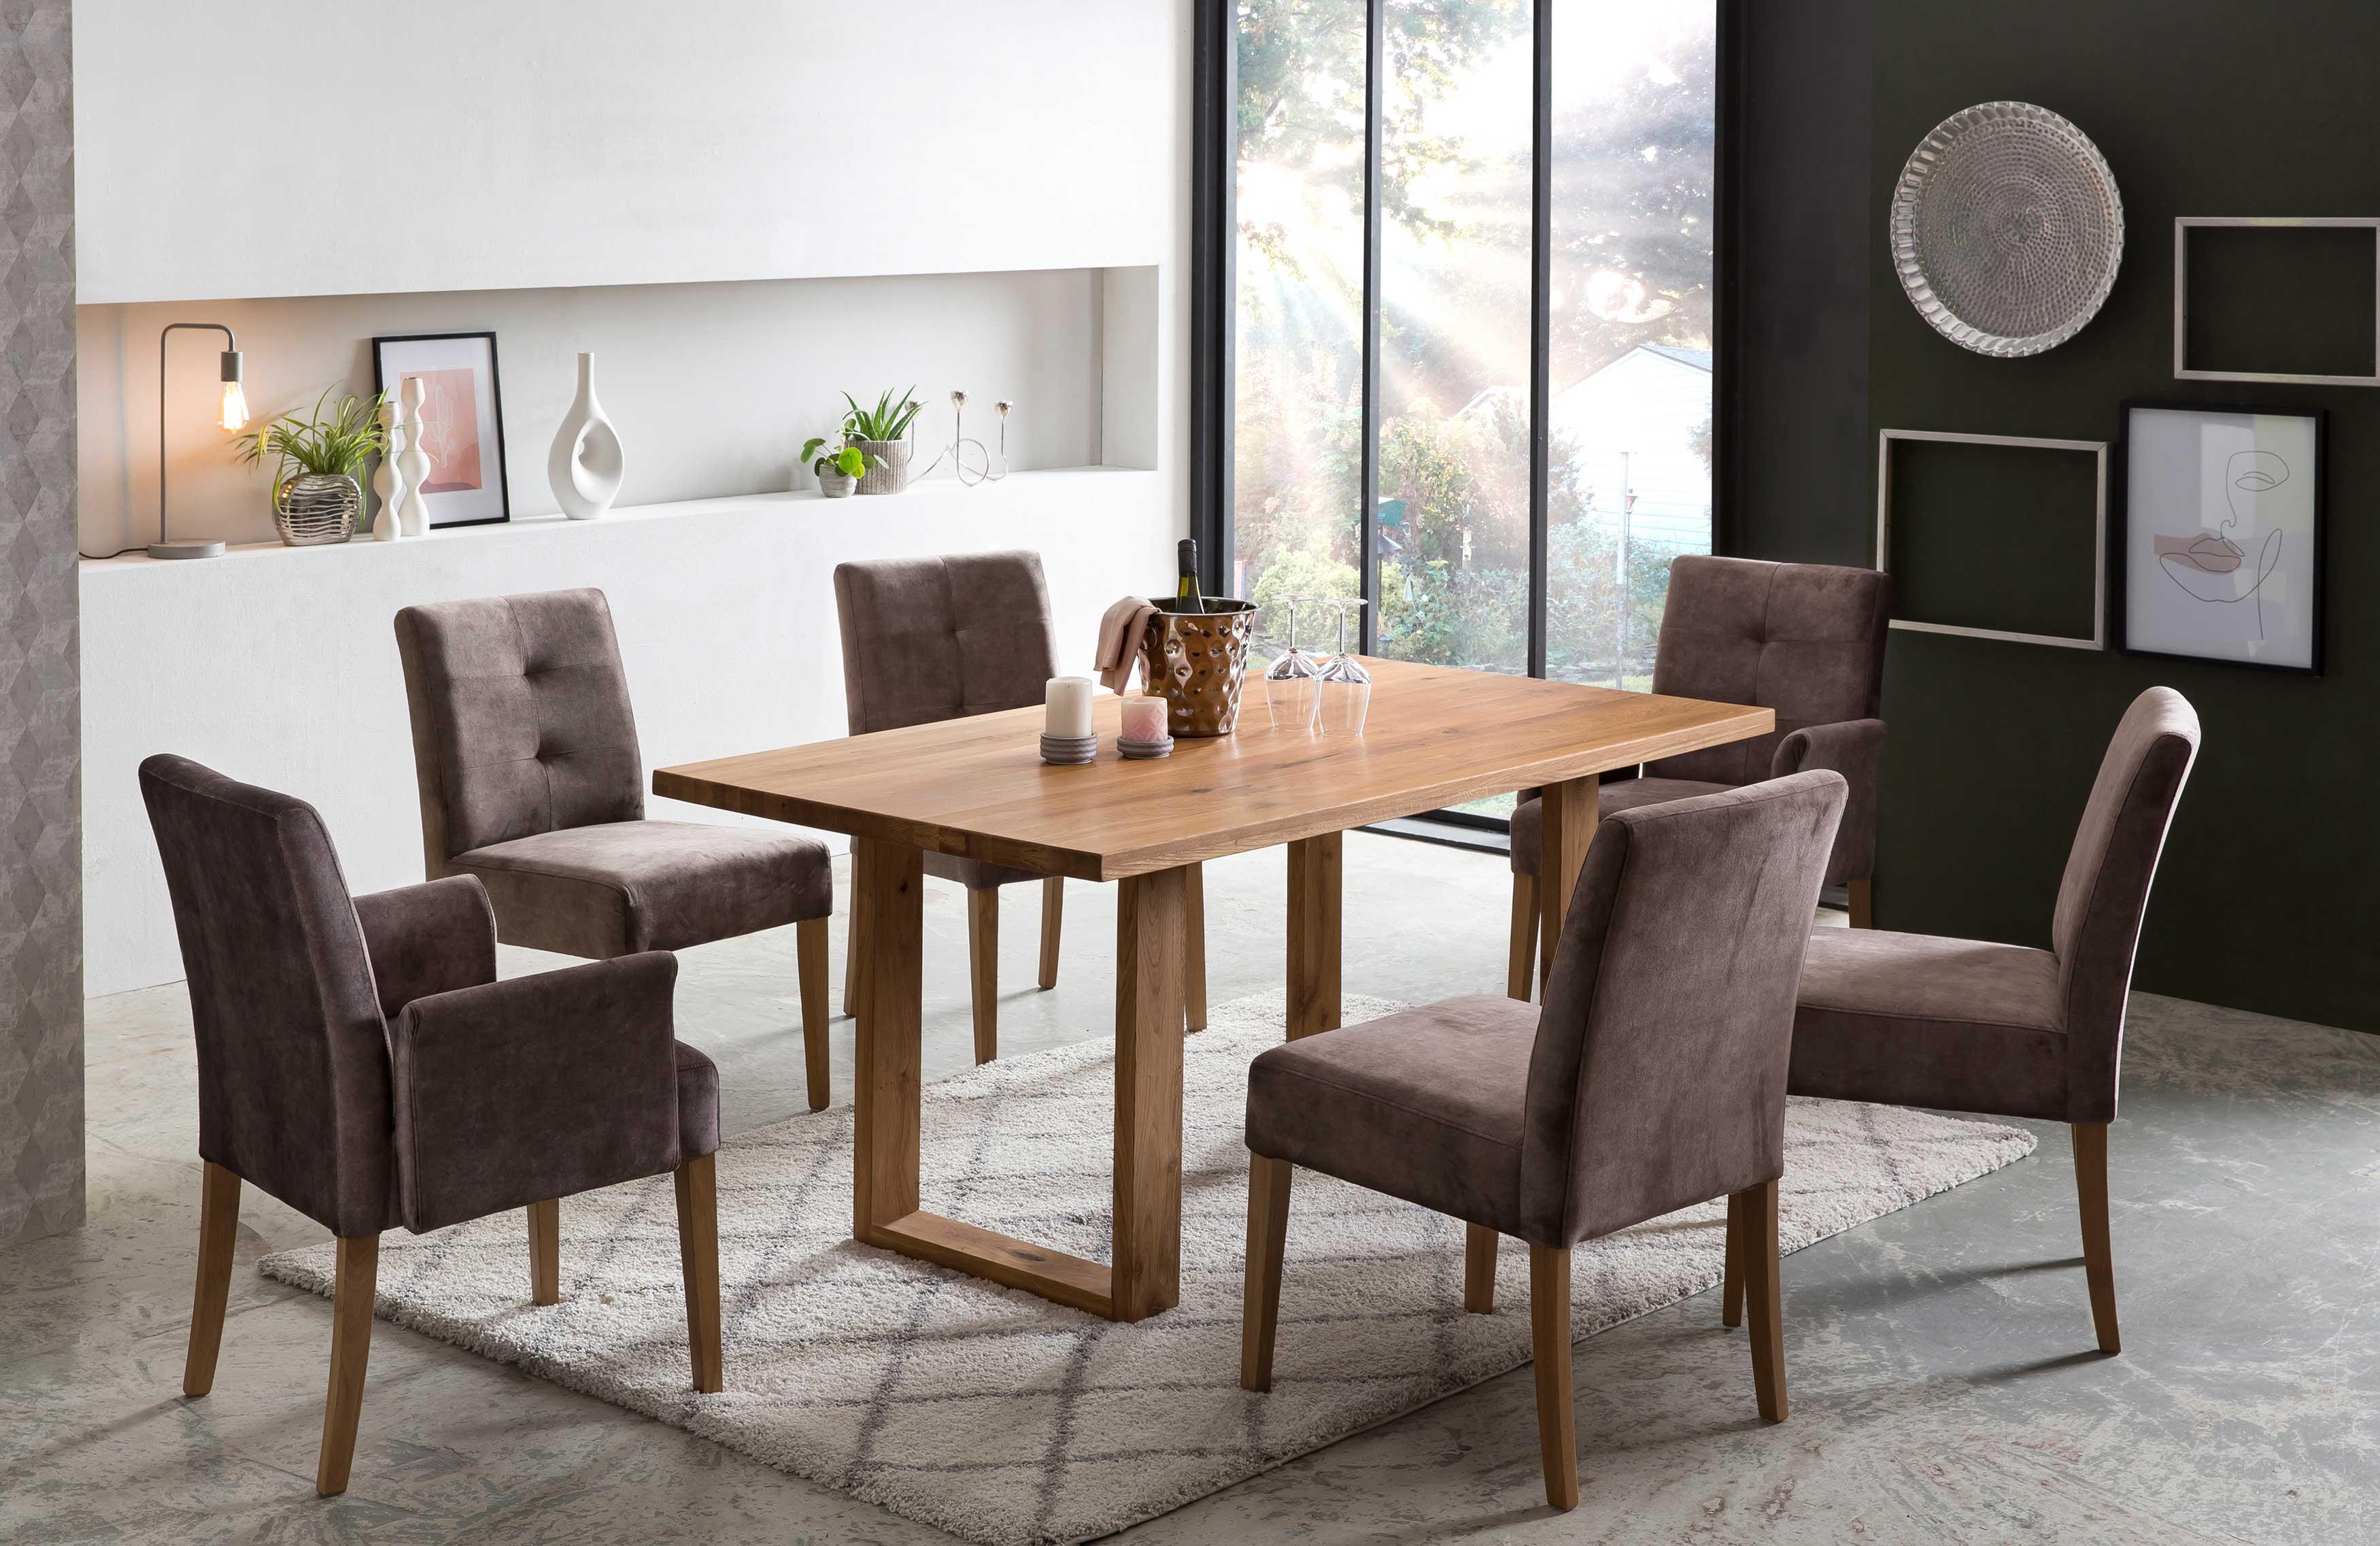 Standard Furniture Tischgruppe mit Orlando Massivholztisch eiche natur